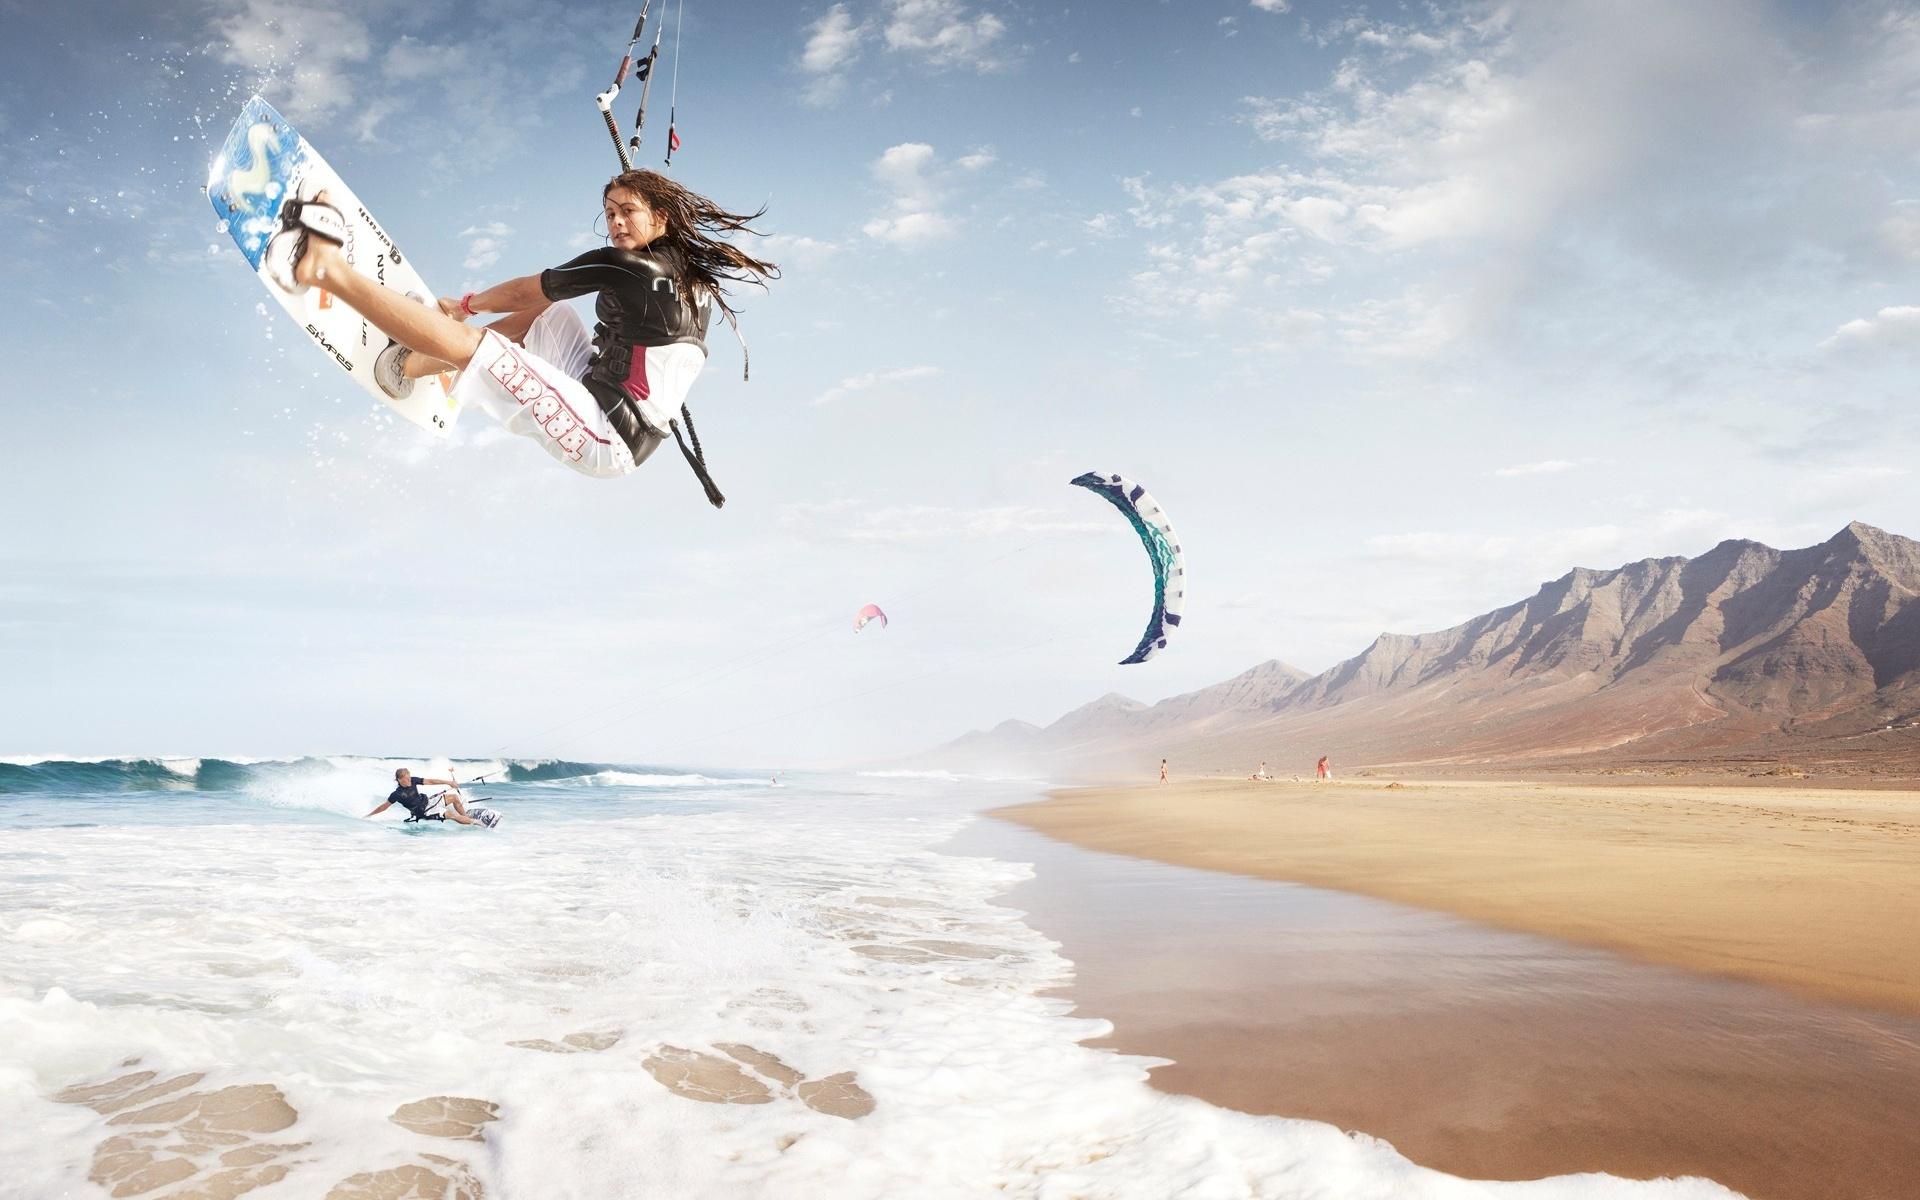 Summer Sports Wallpap: Kitesurfing HD Wallpaper